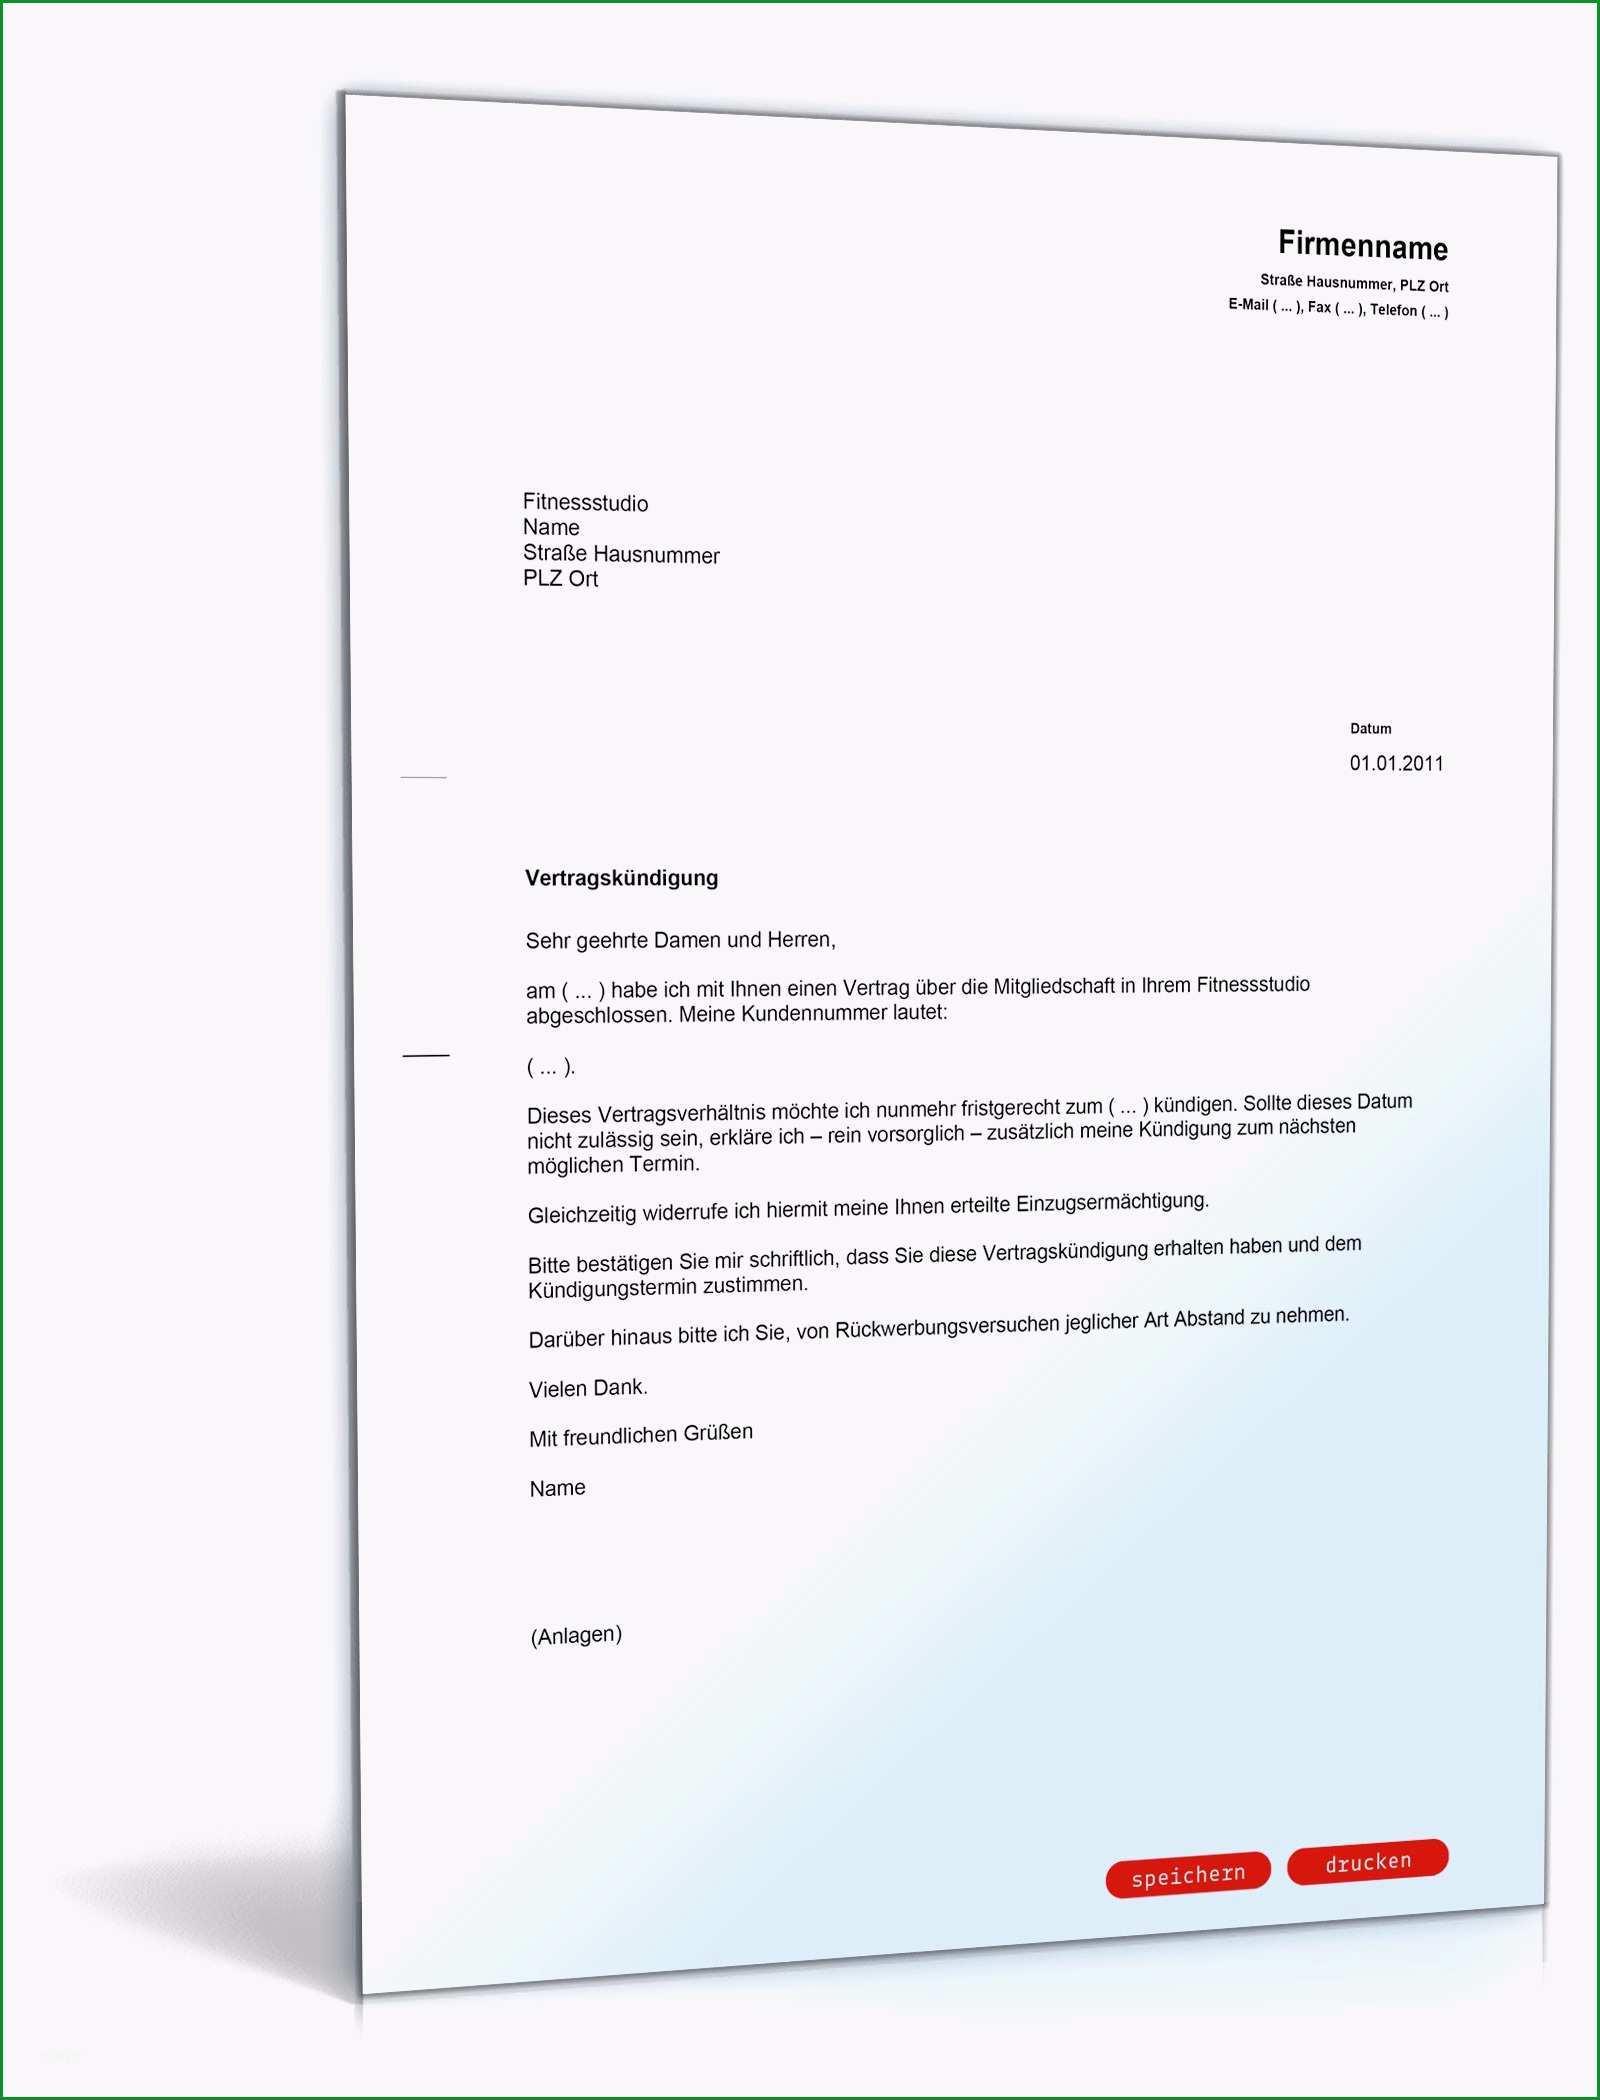 kundigung otelo vertrag vorlage telekom kundigung vorlage zum ausdrucken kundigung